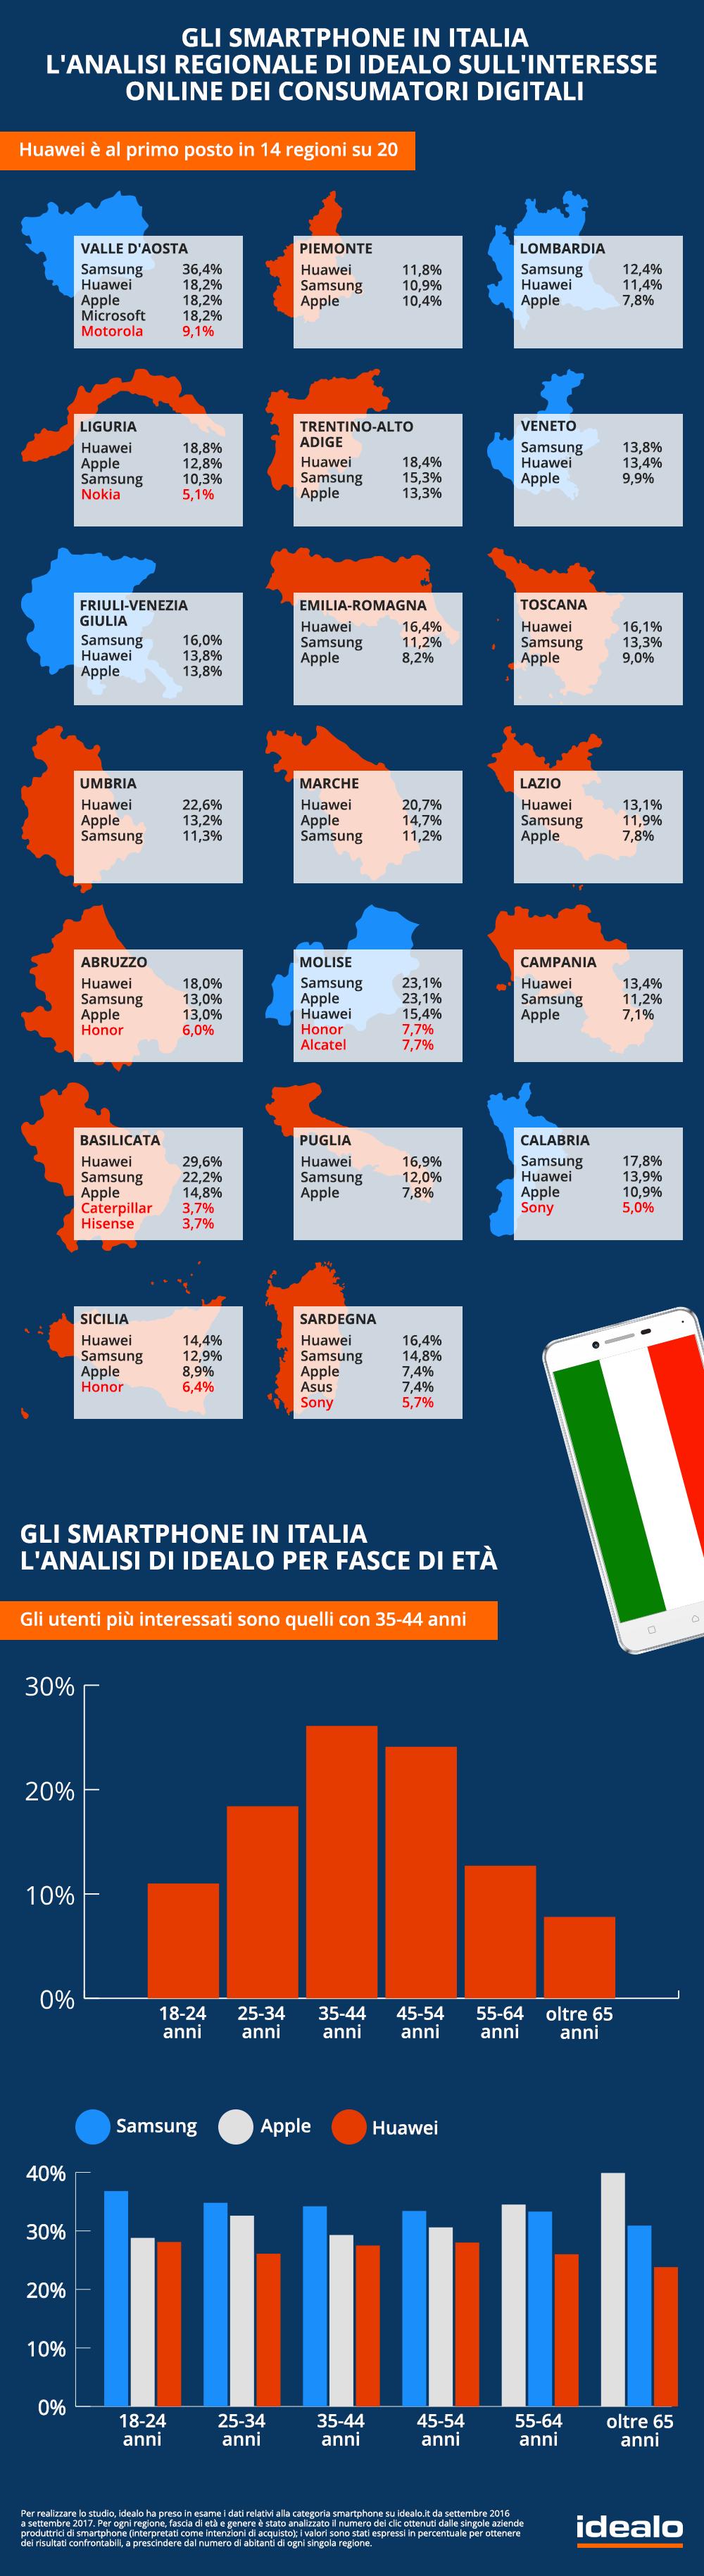 Infografica idealo_Smartphone in Italia